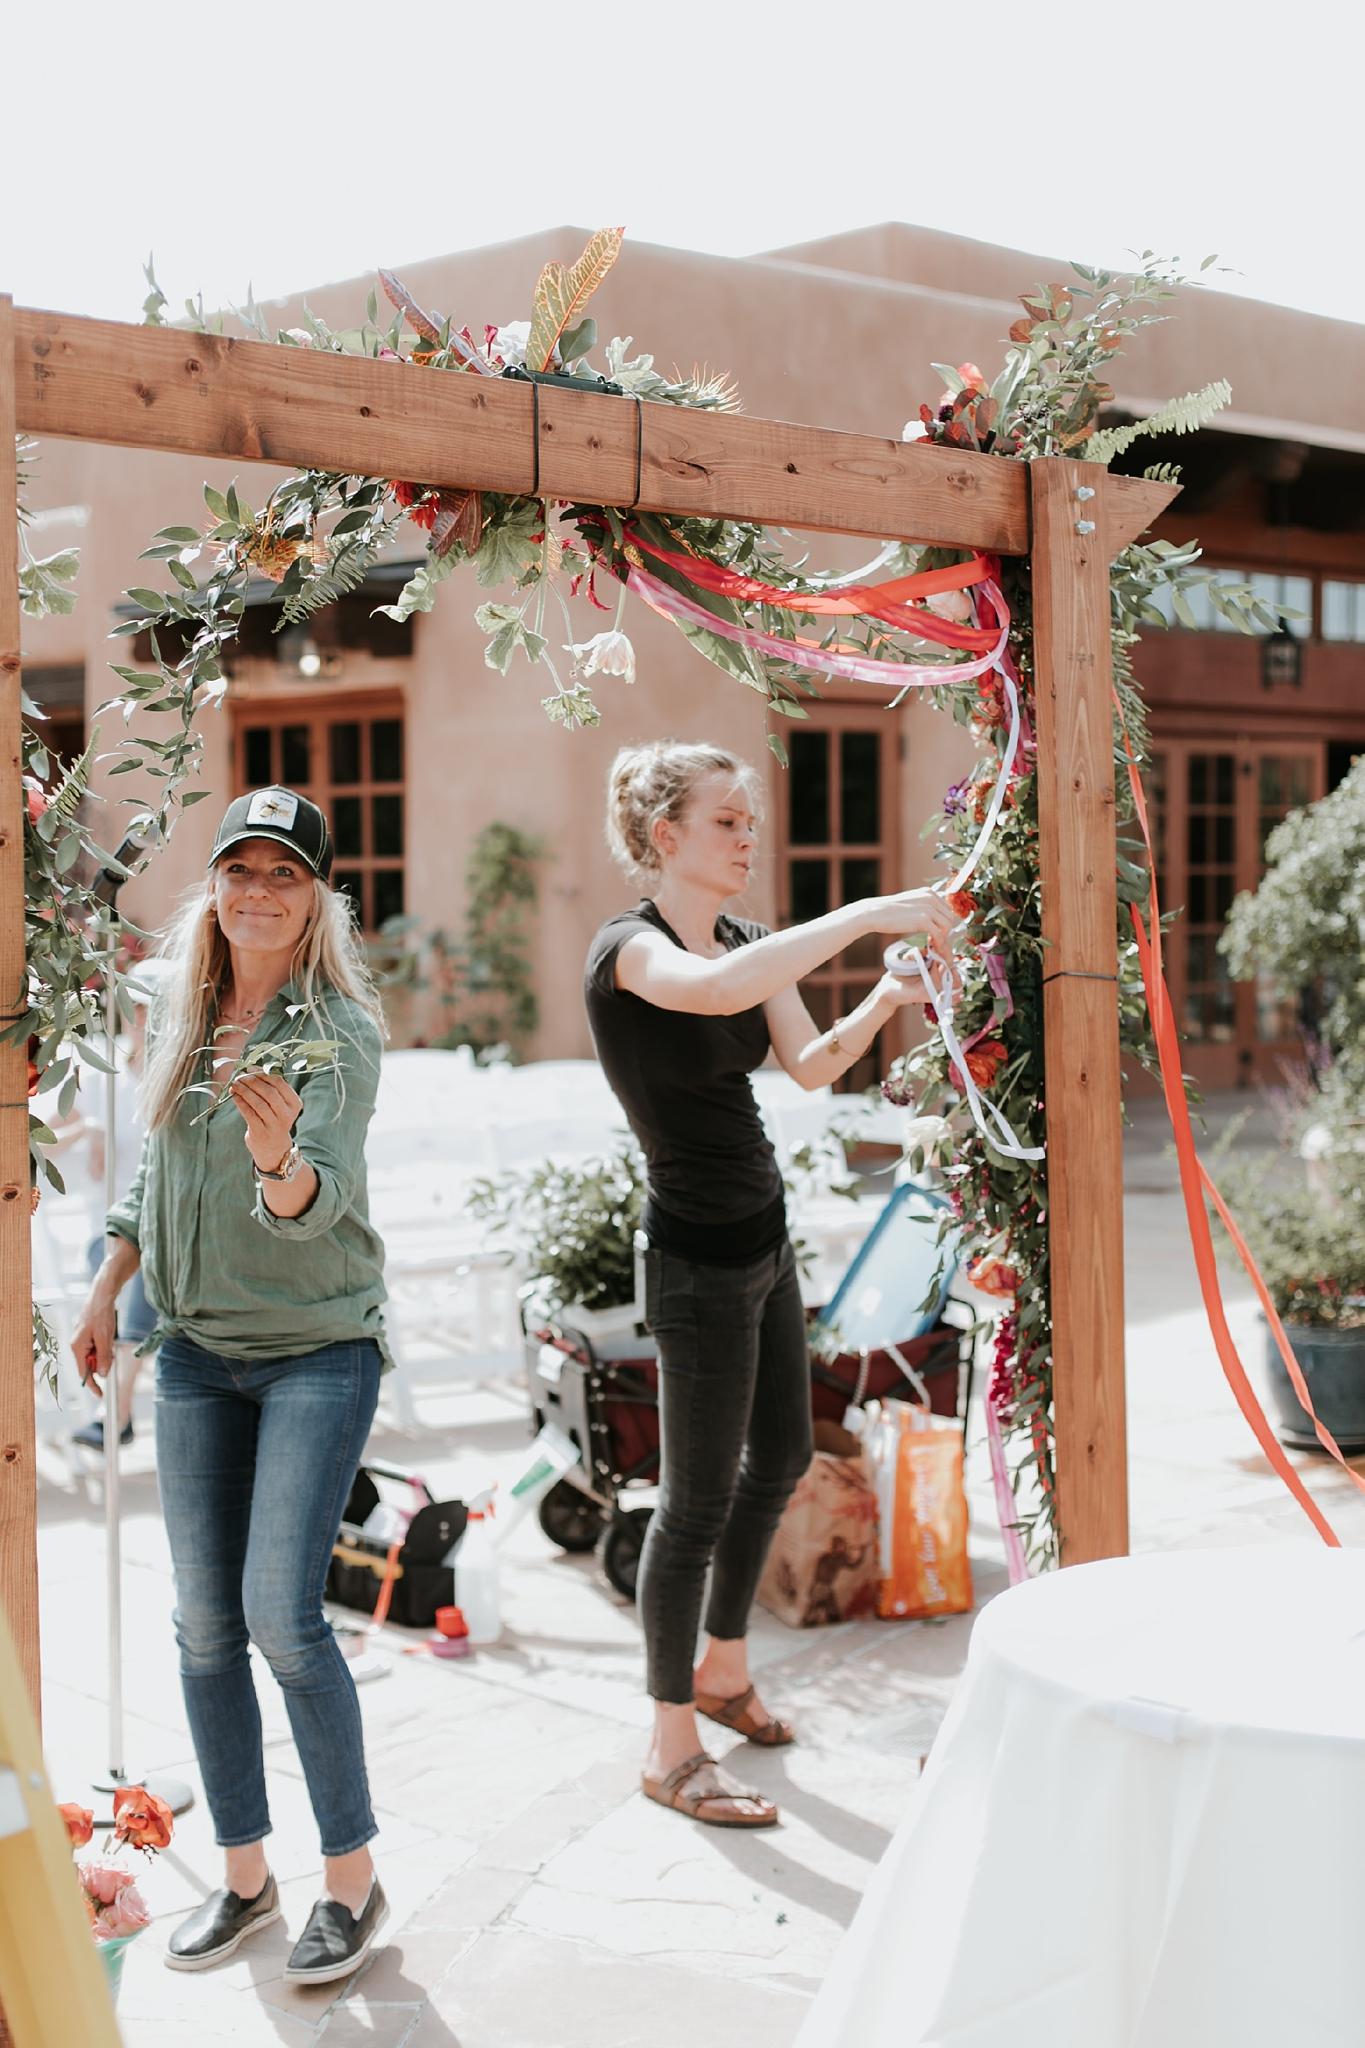 Alicia+lucia+photography+-+albuquerque+wedding+photographer+-+santa+fe+wedding+photography+-+new+mexico+wedding+photographer+-+wedding+ceremony+-+wedding+alter+-+floral+alter_0023.jpg